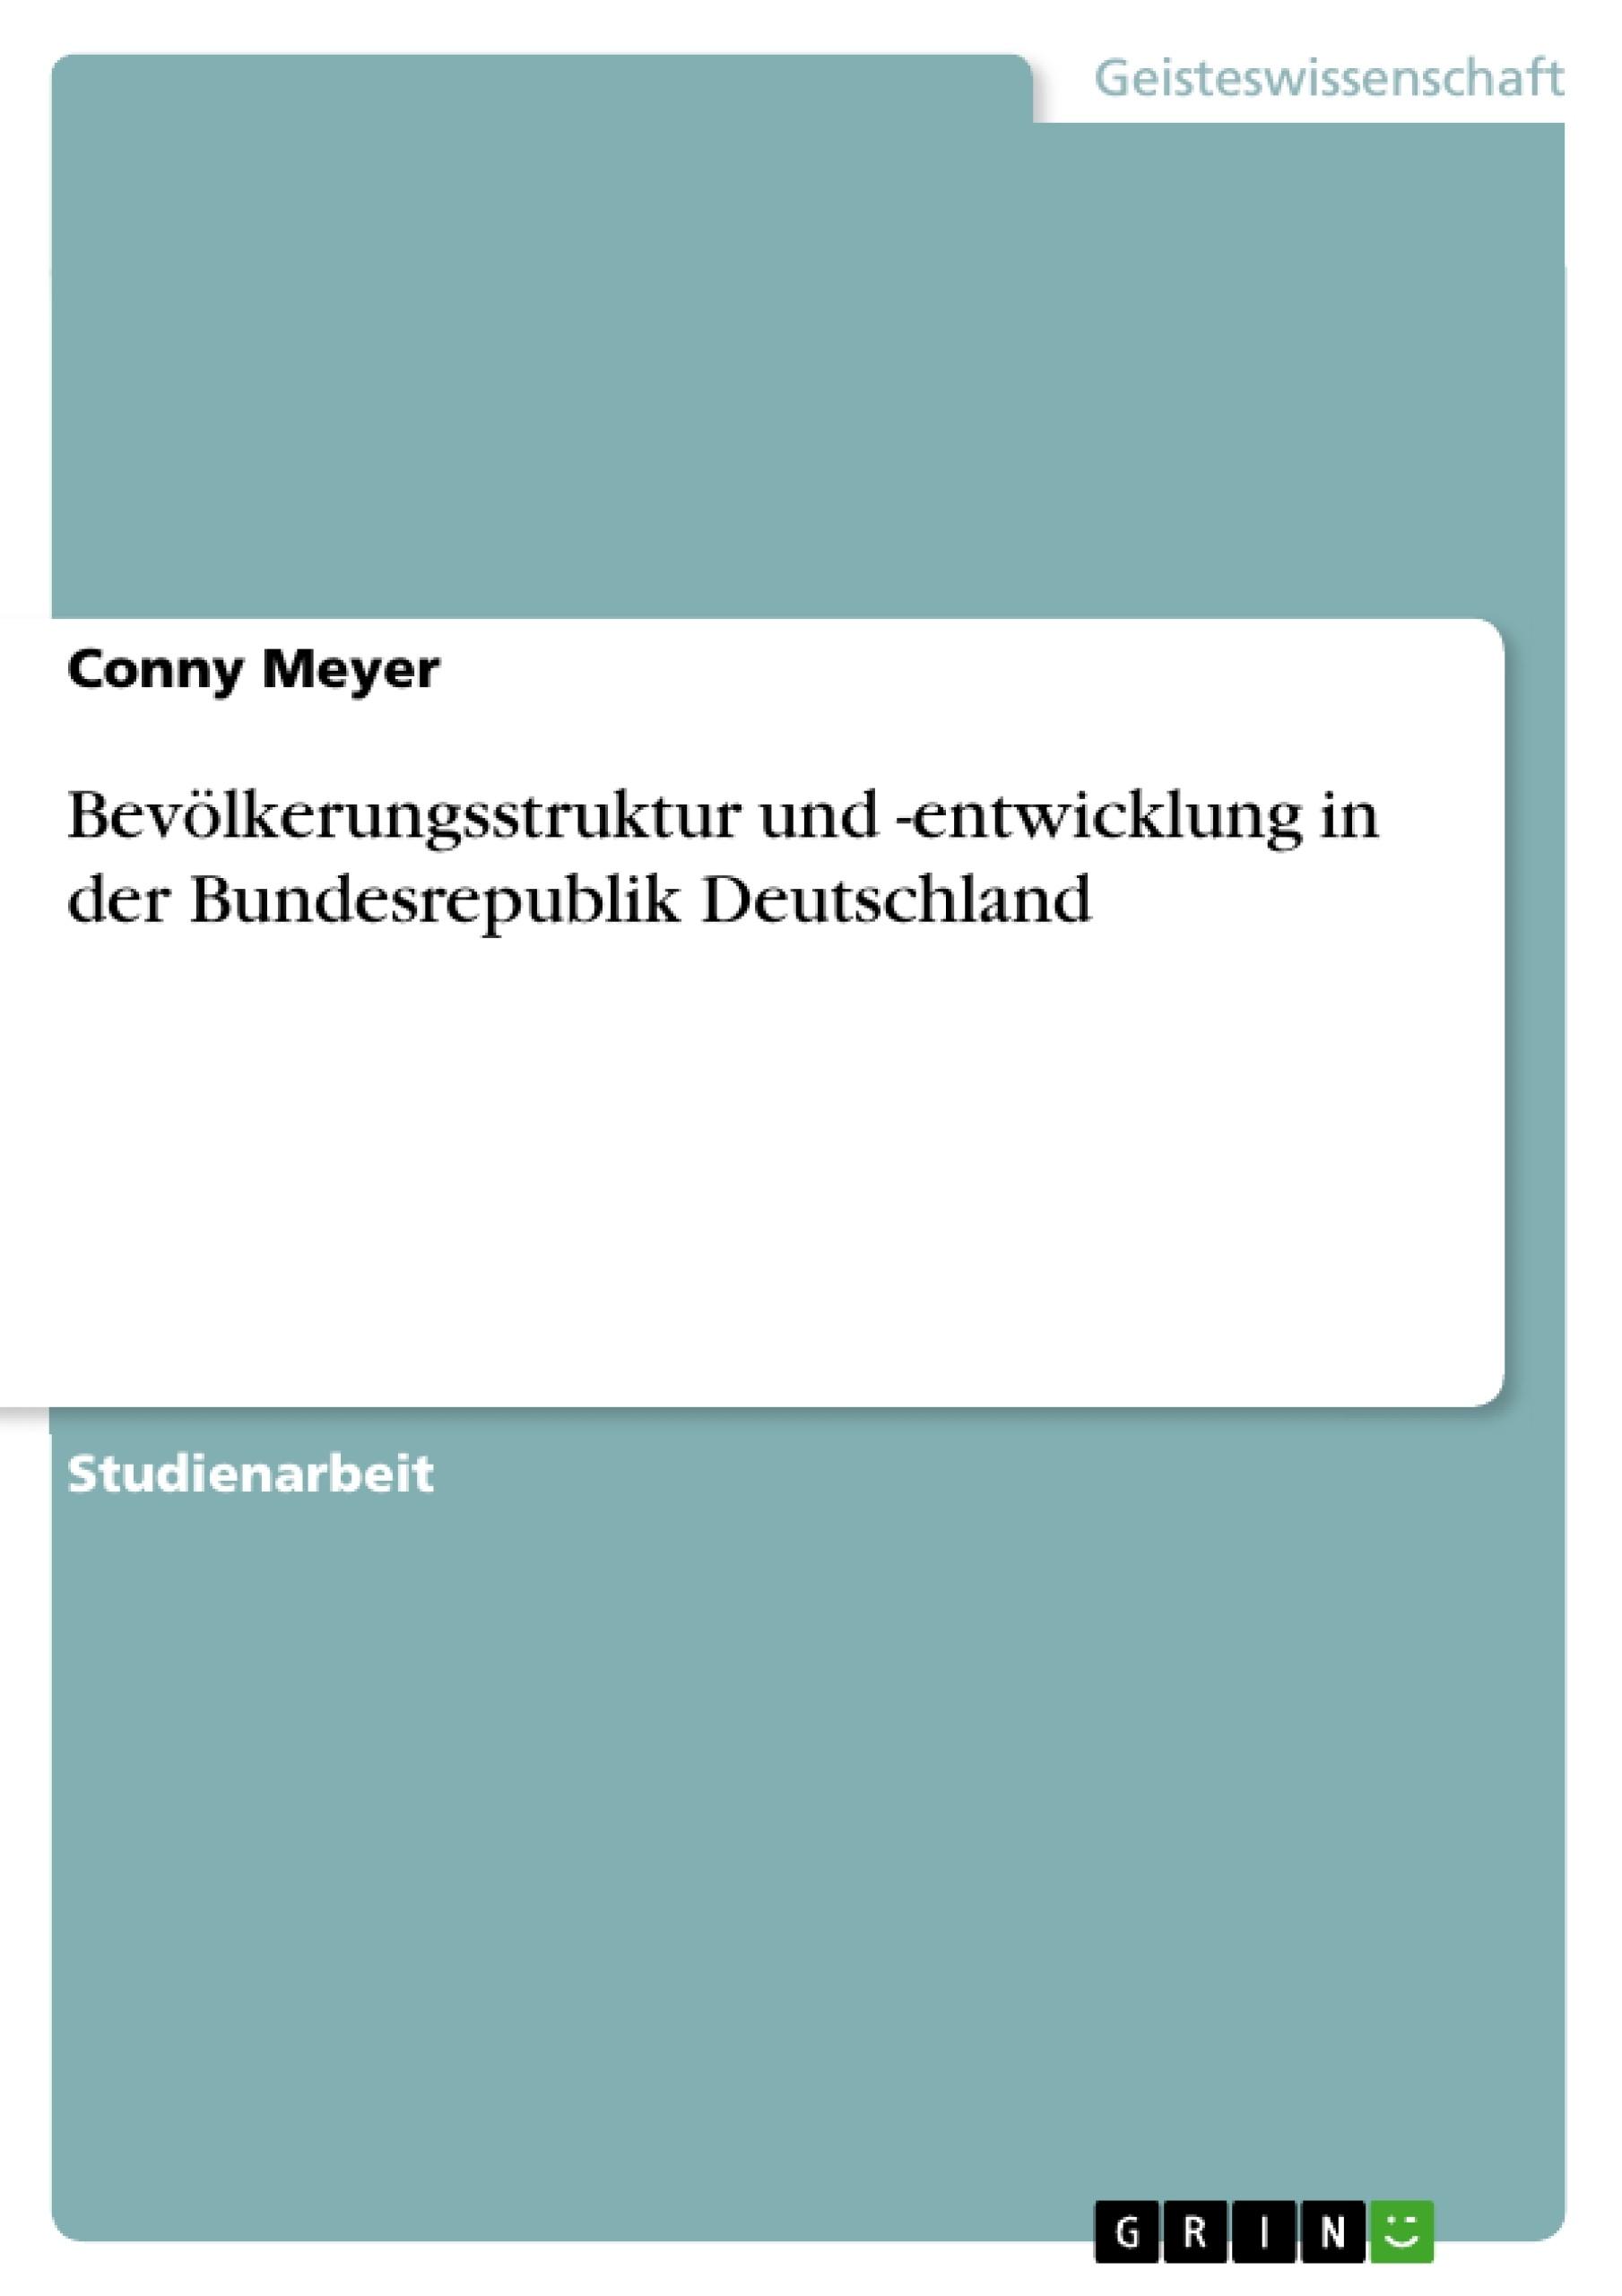 Titel: Bevölkerungsstruktur und -entwicklung in der Bundesrepublik Deutschland